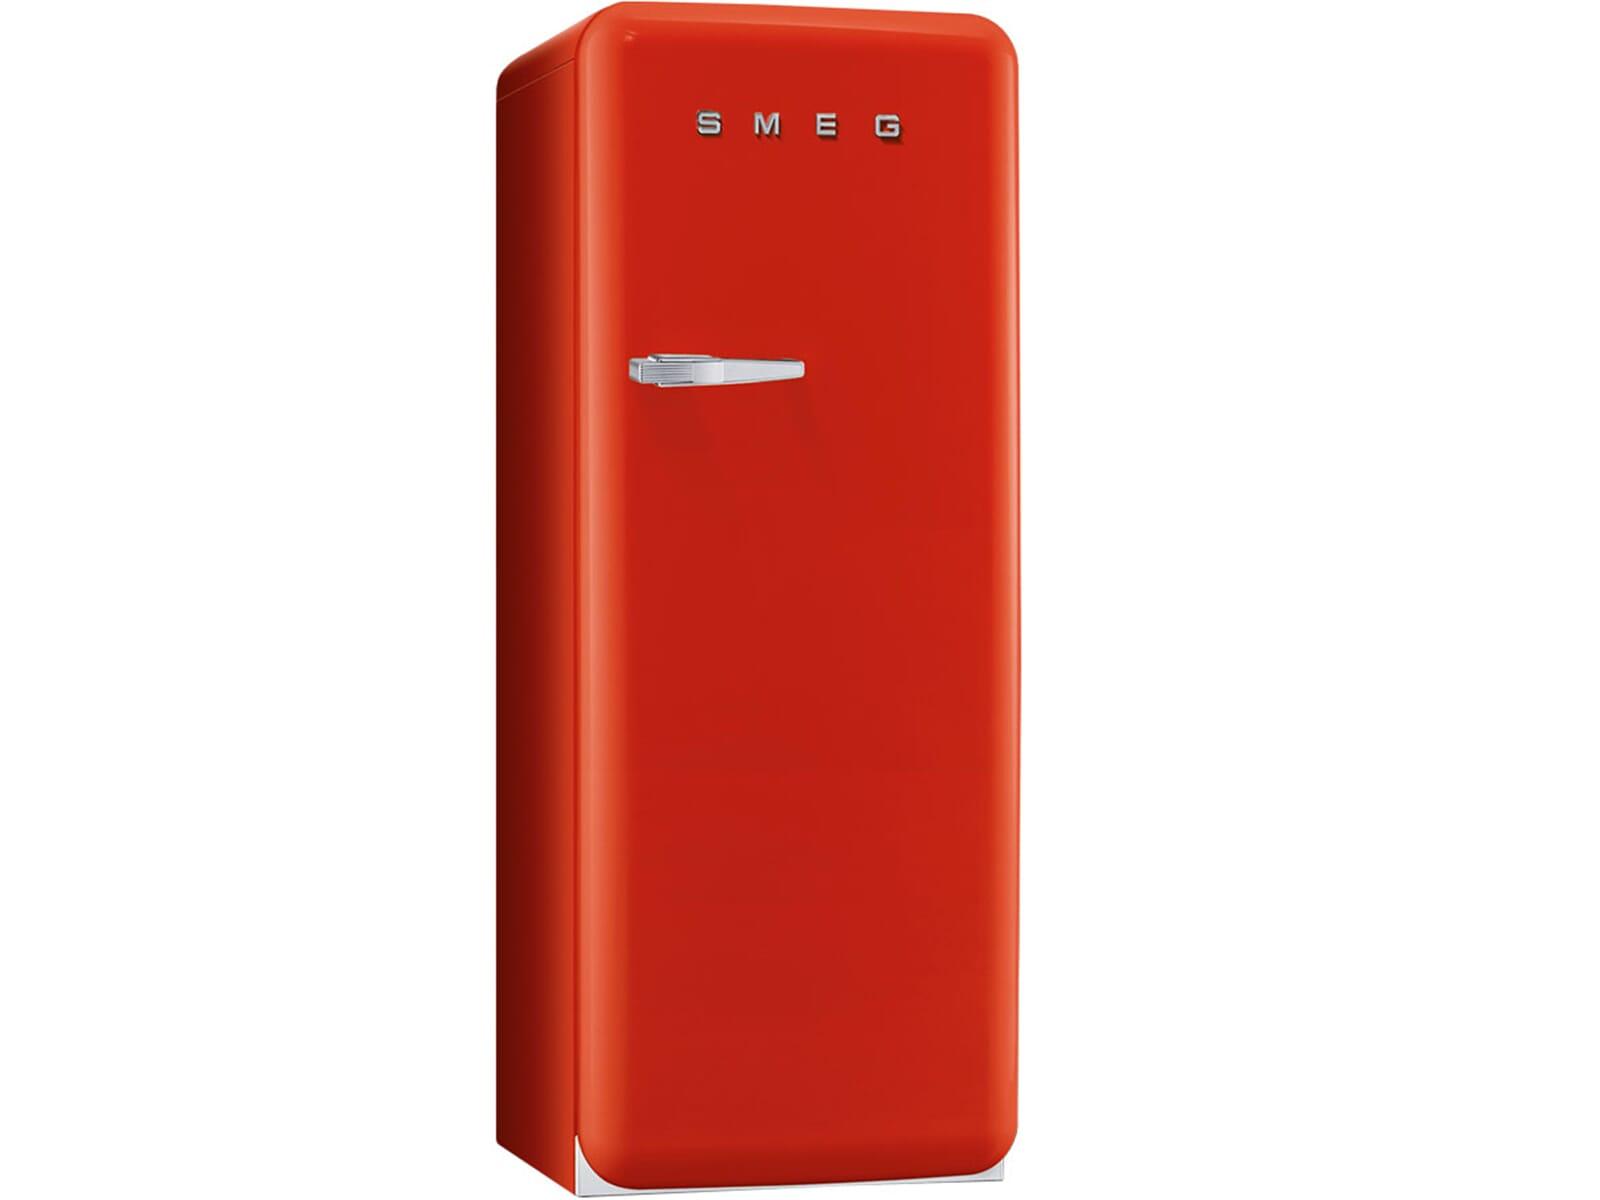 Amerikanischer Kühlschrank Rot : Amerikanischer kühlschrank retro smeg bosch kühlschrank side by